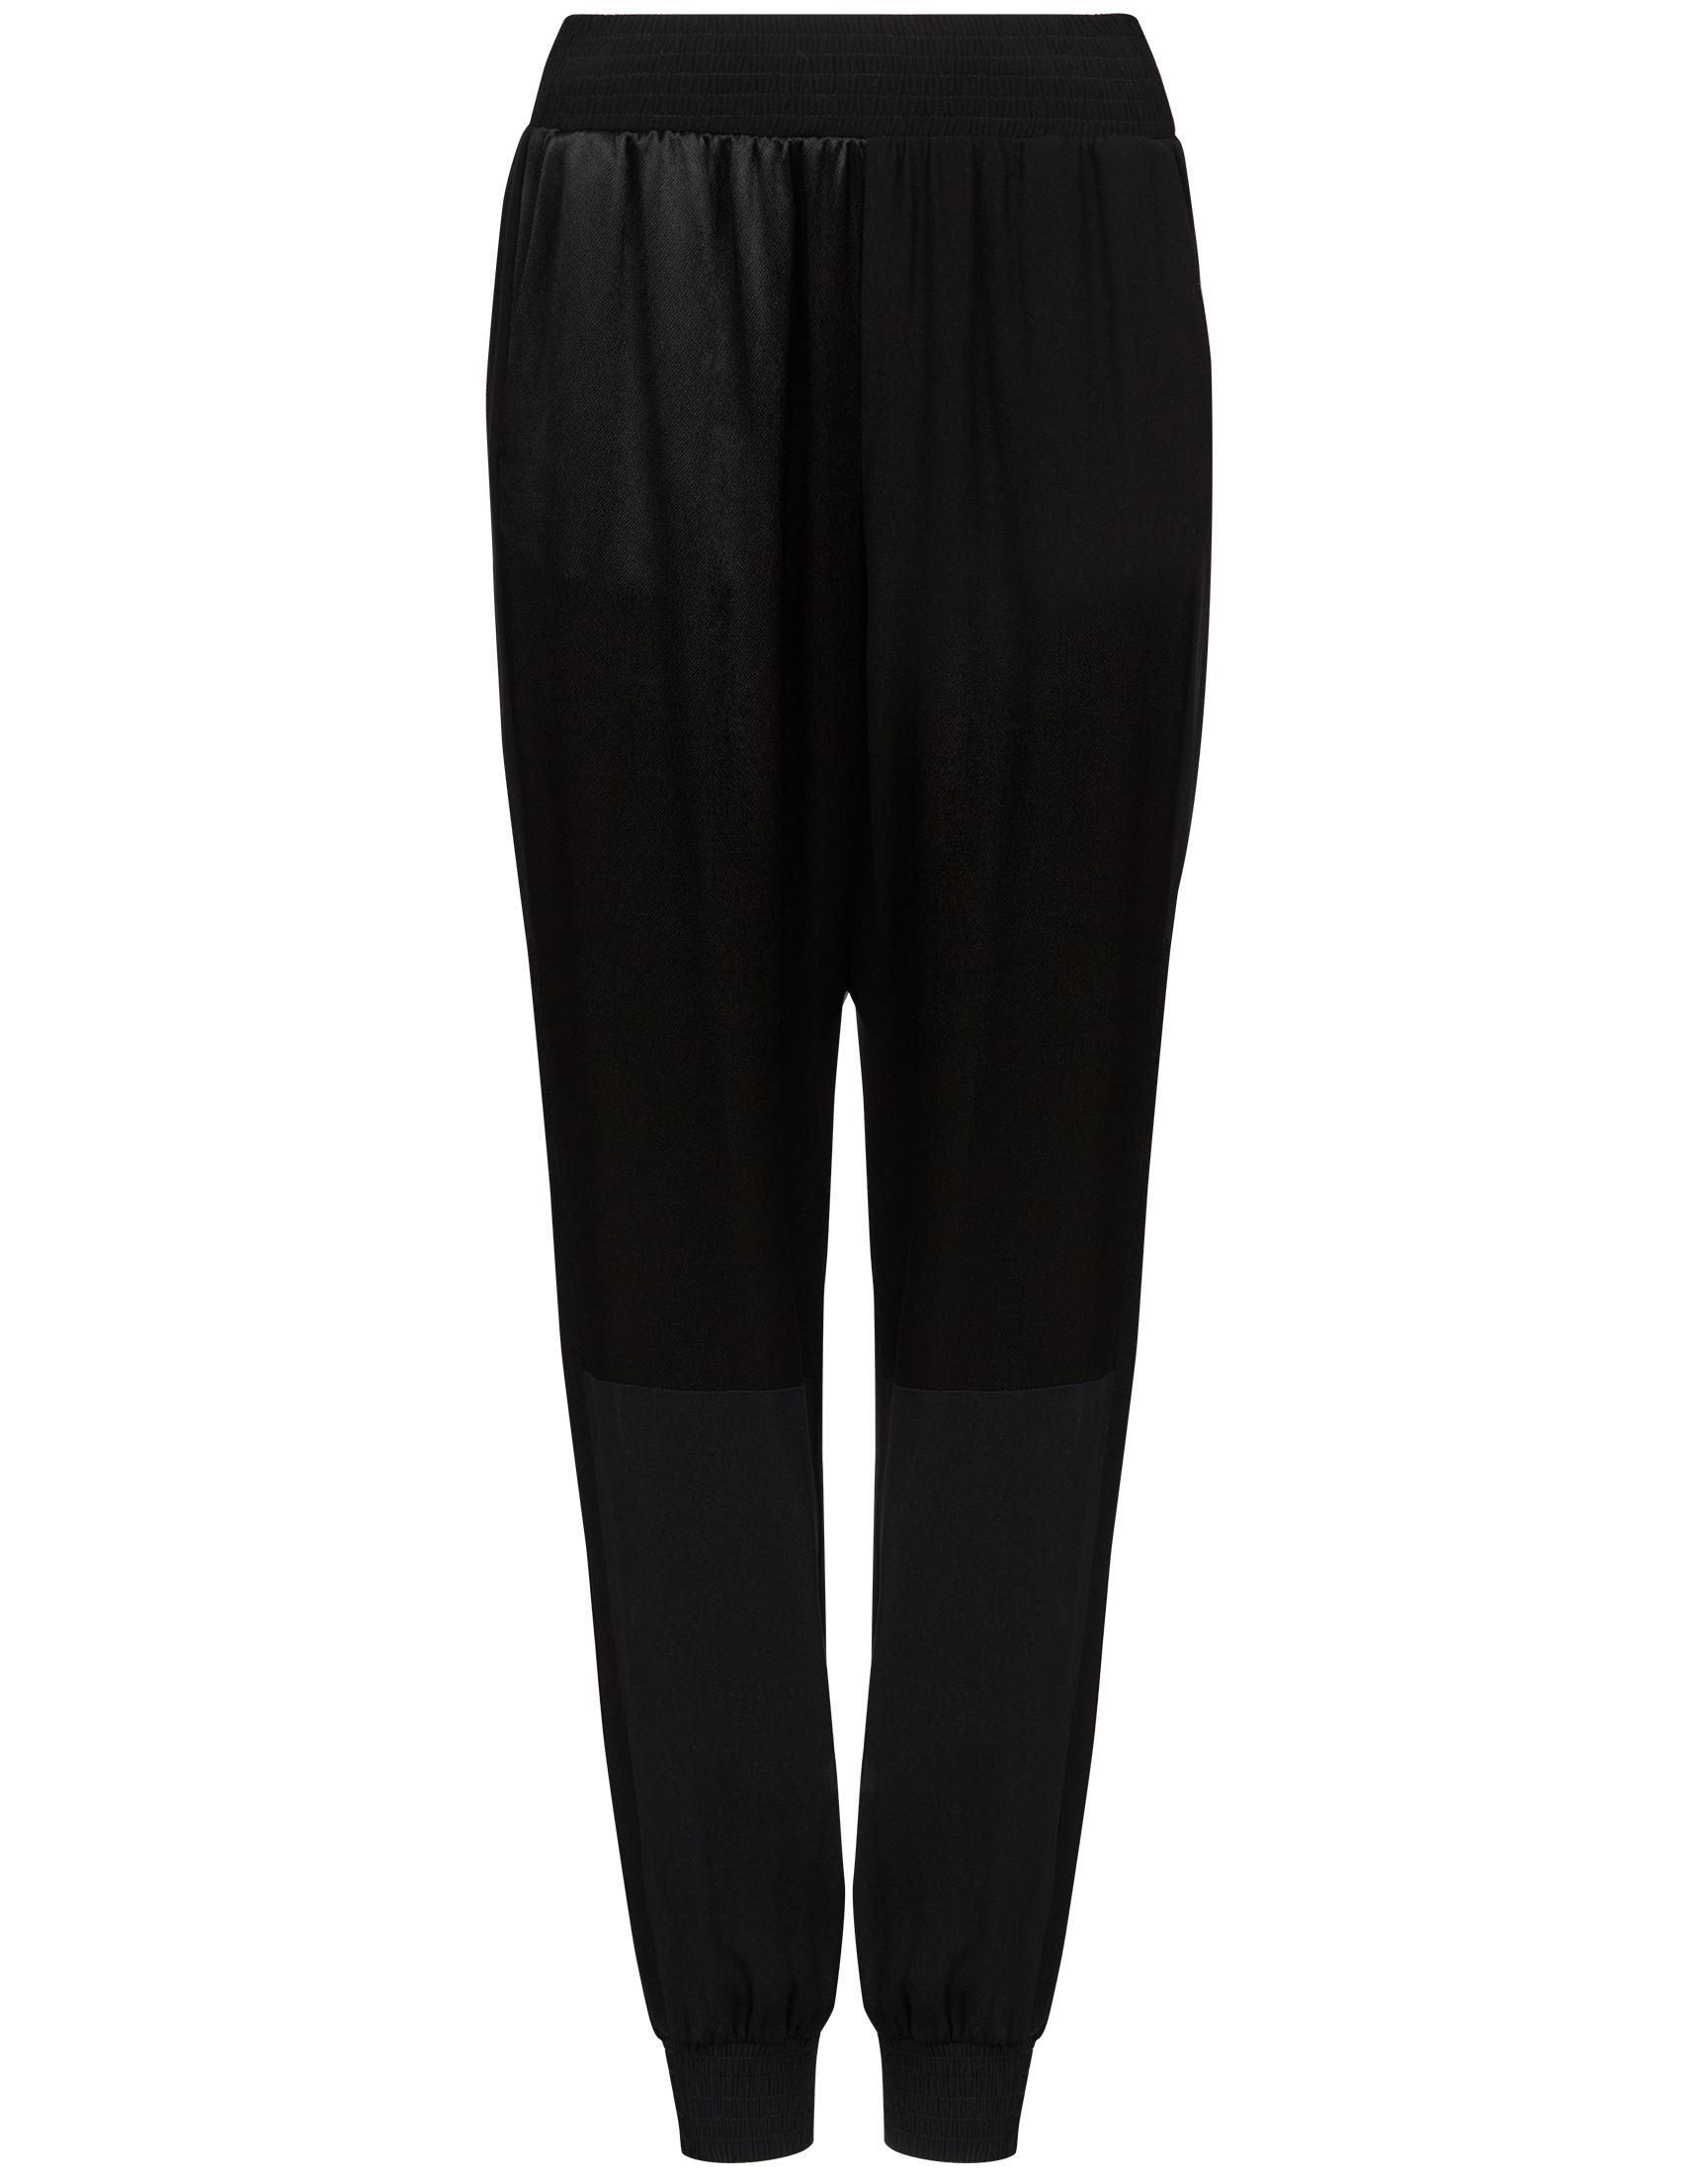 Купить Спортивные брюки, PINKO, Черный, 100%Вискоза, Весна-Лето